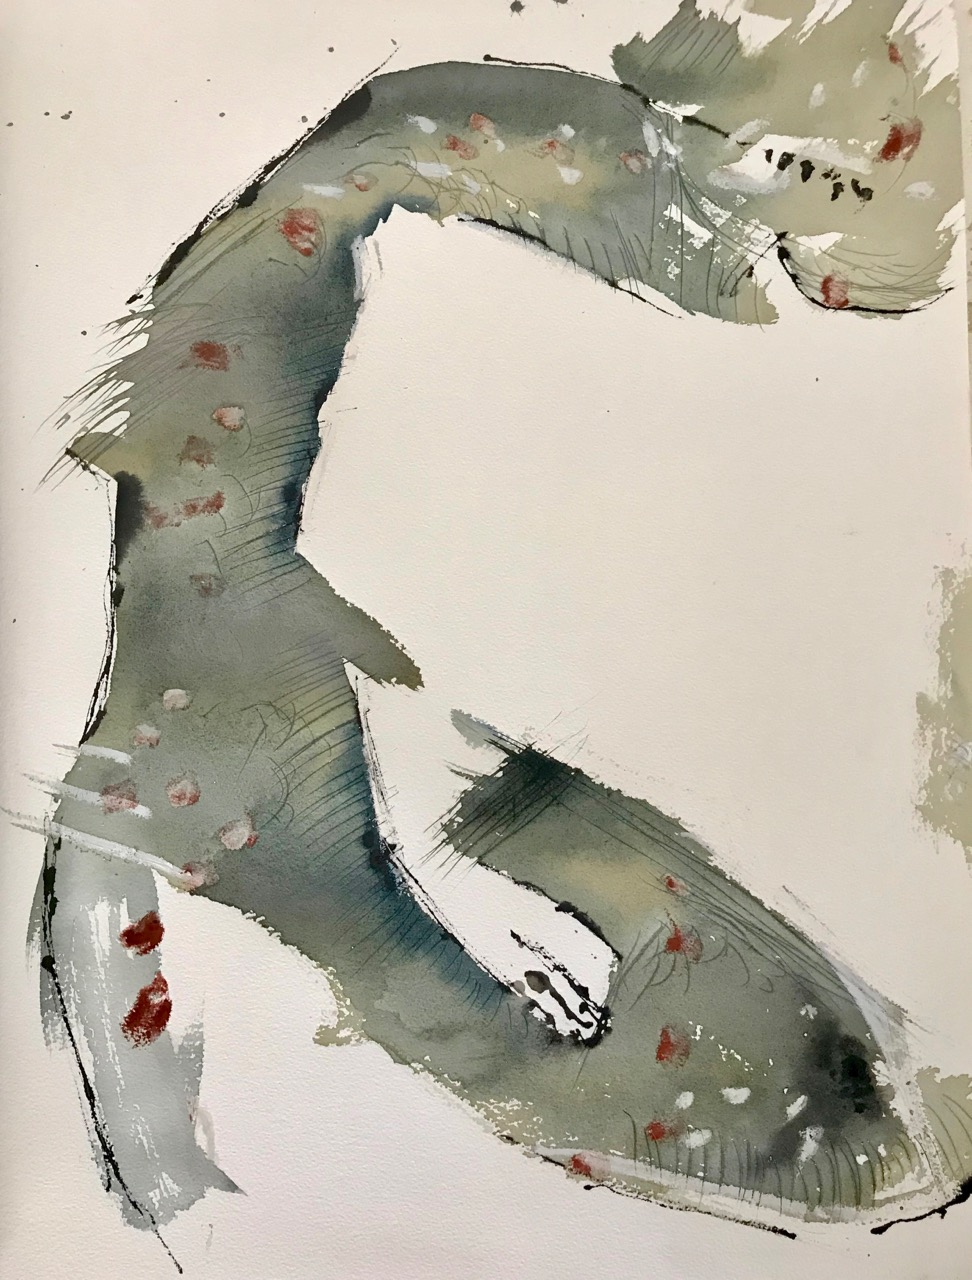 Stiefelknecht, Aquarell und Tusche auf Papier, 46 x 61 cm, 2018